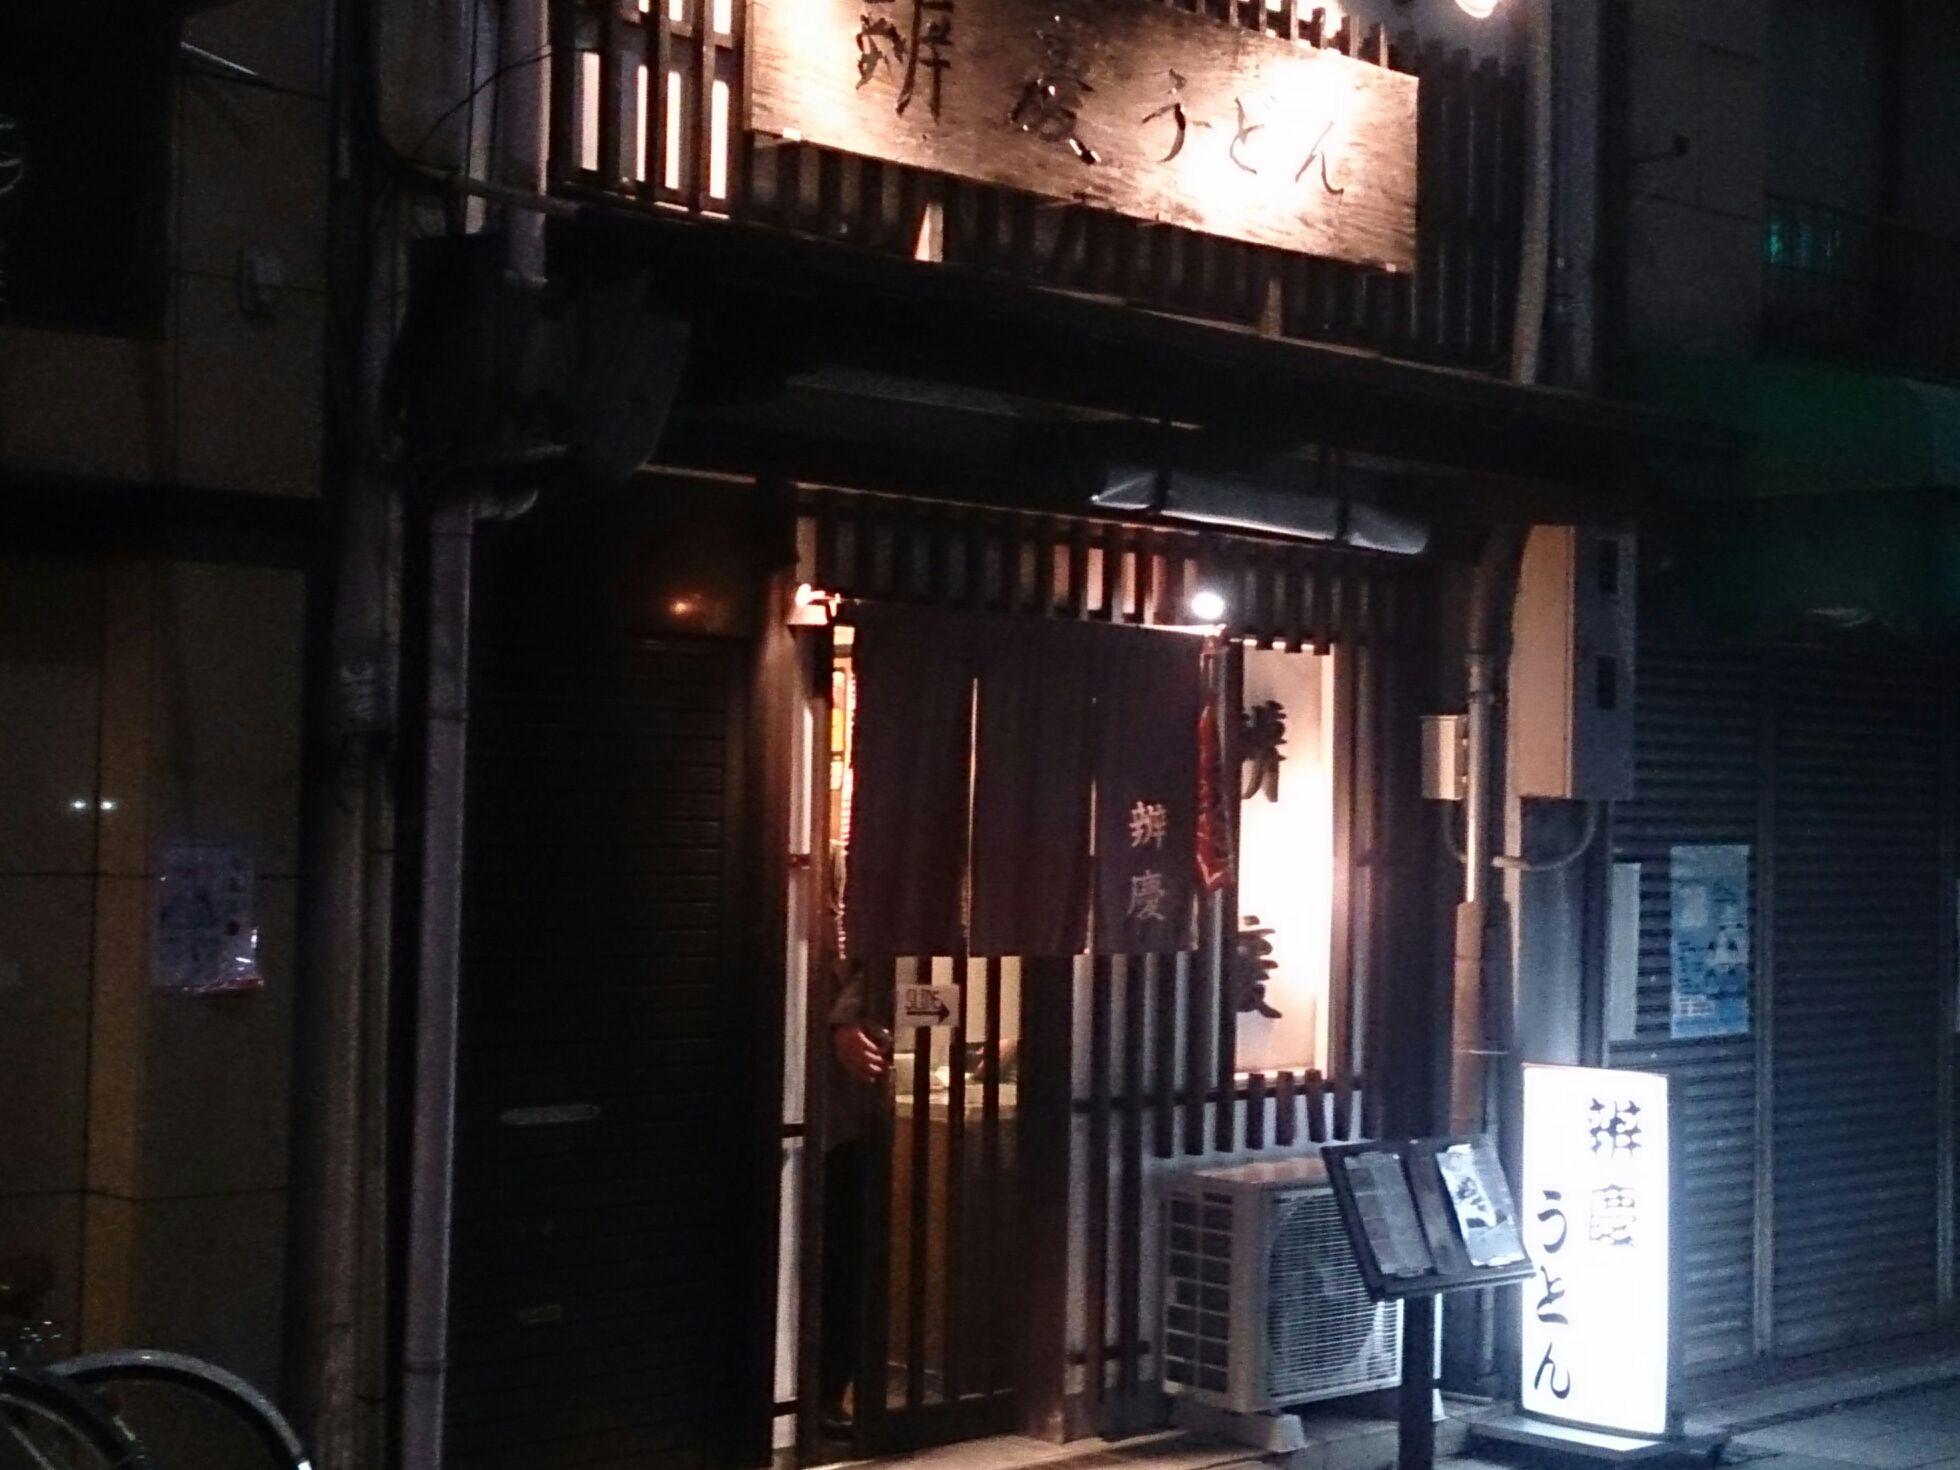 辨慶(べんけい)うどん東山店(京都市東山区/うどん屋)